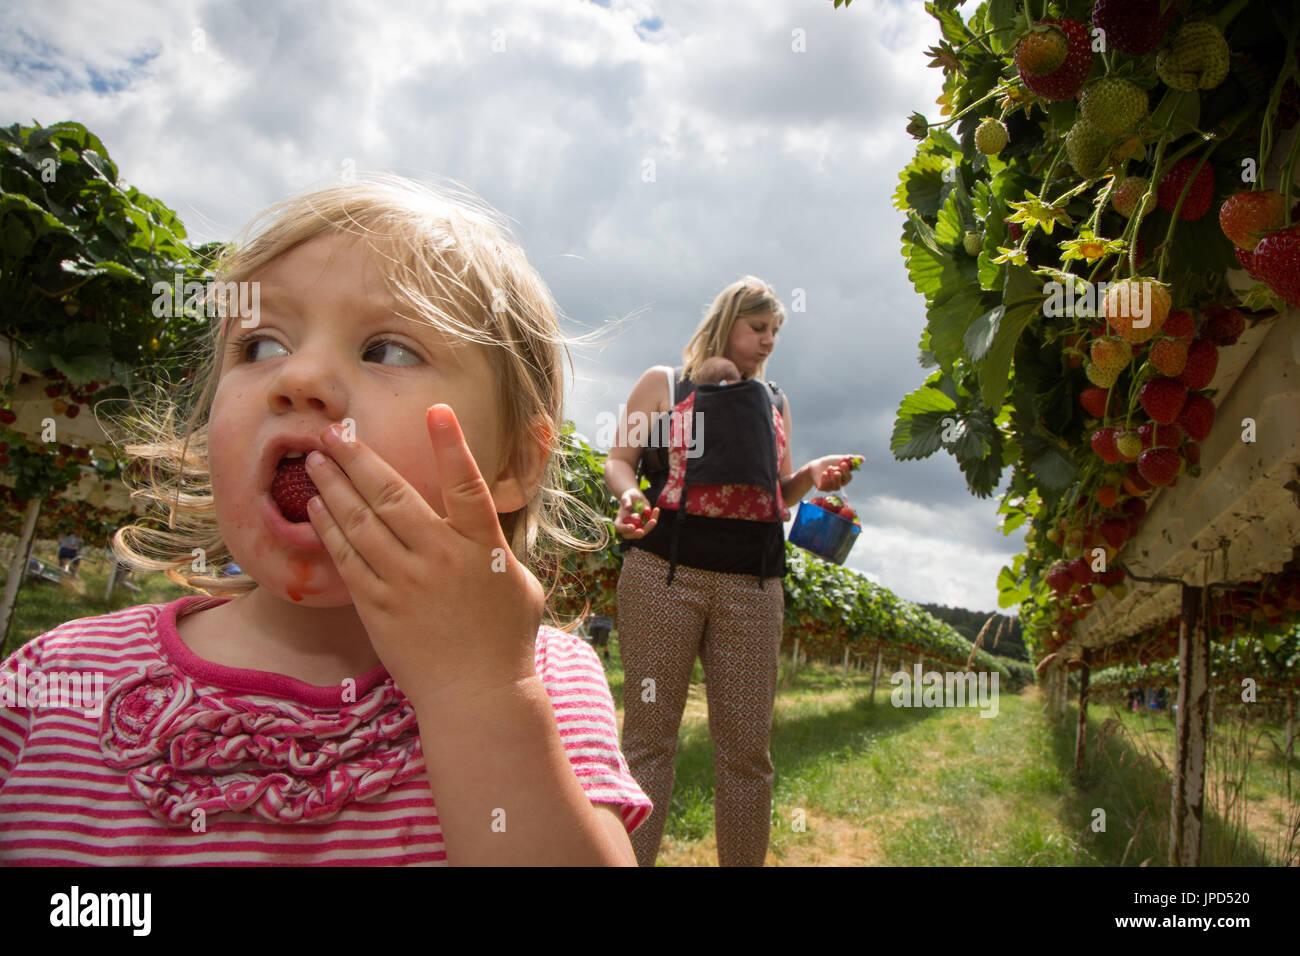 Ein Kleinkind Mädchen von 18 Monaten Essen Erdbeeren auf ein Pick-deine-eigene-Farm in England. Schwester Mutter und Baby sind im Hintergrund Stockbild